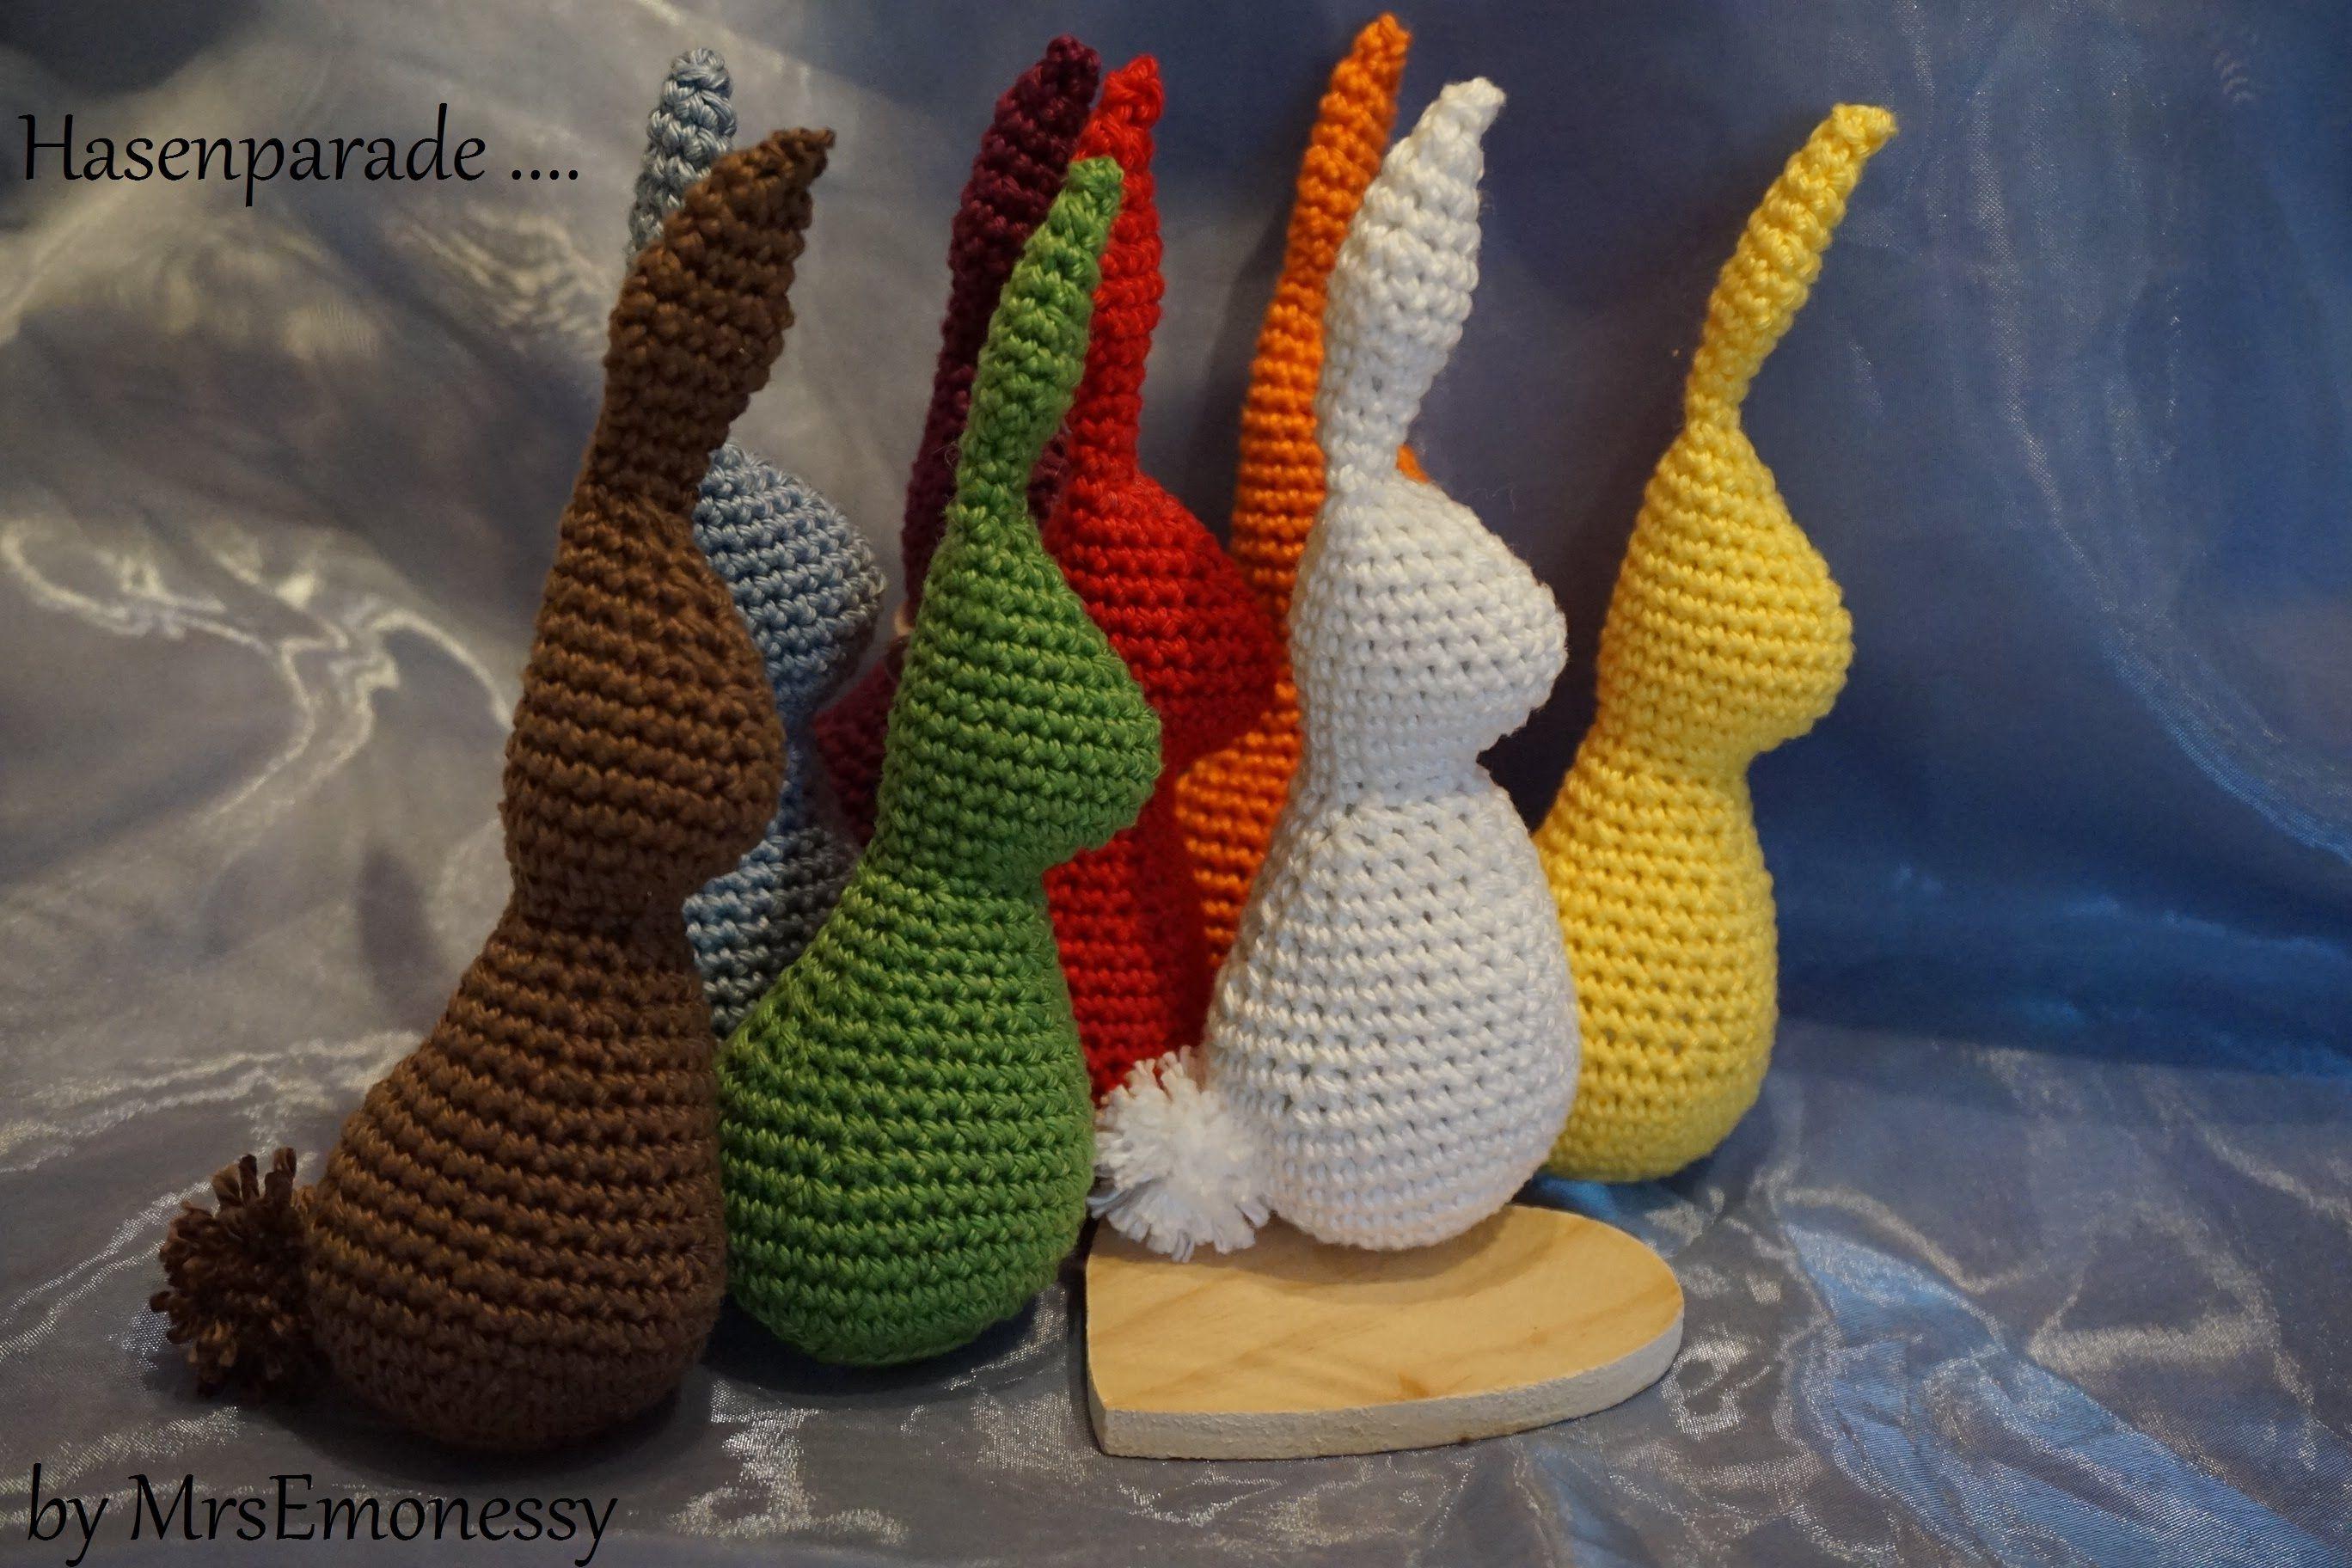 DIY Hase Häkeln für Ostern free pattern english version | crochet ...